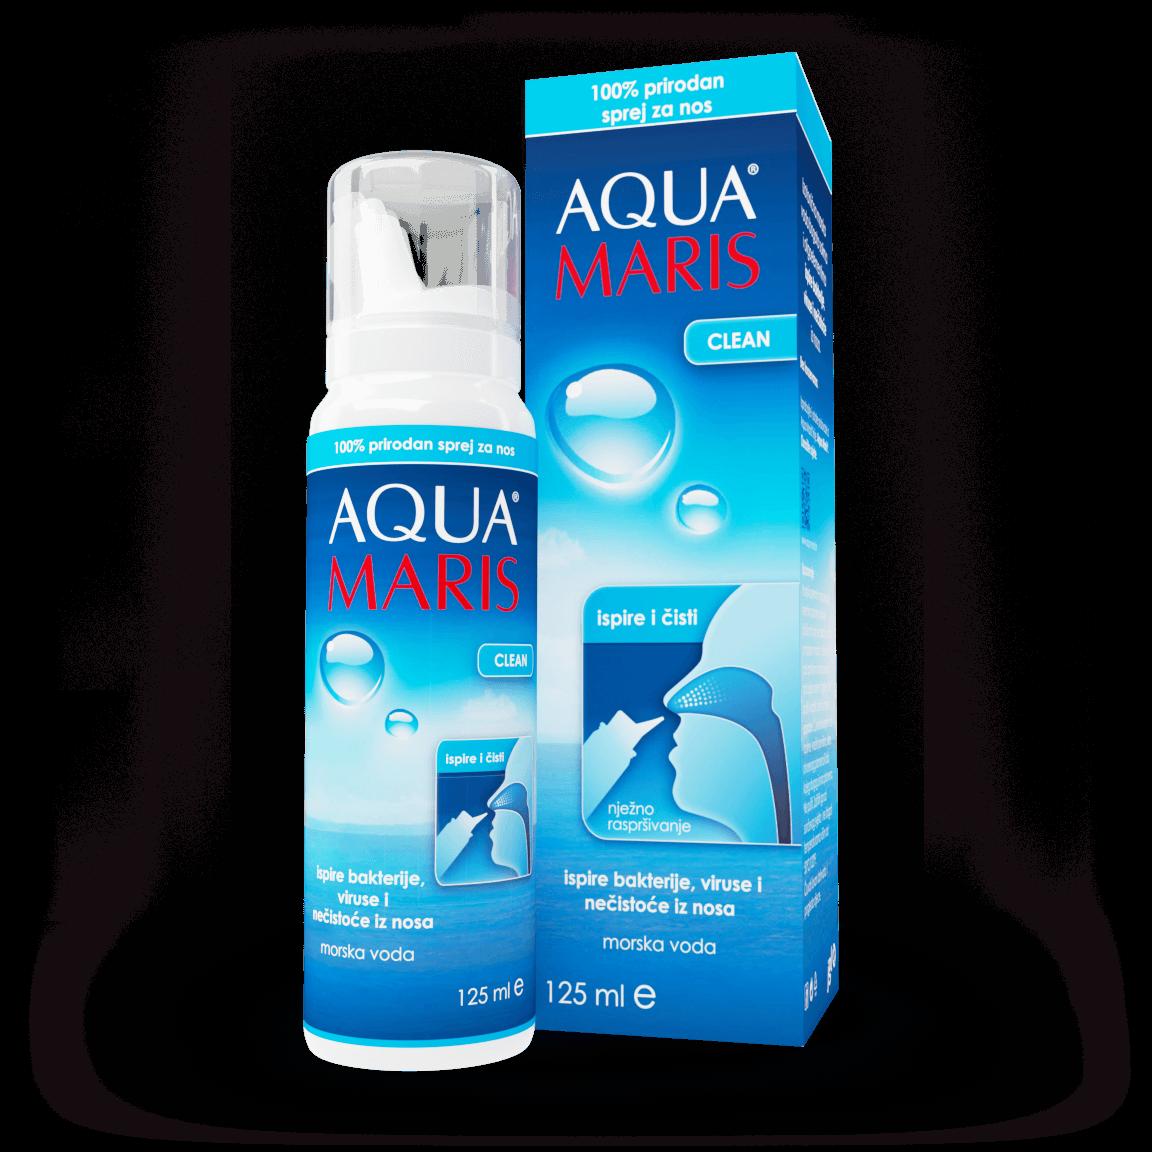 Aqua Maris Clean